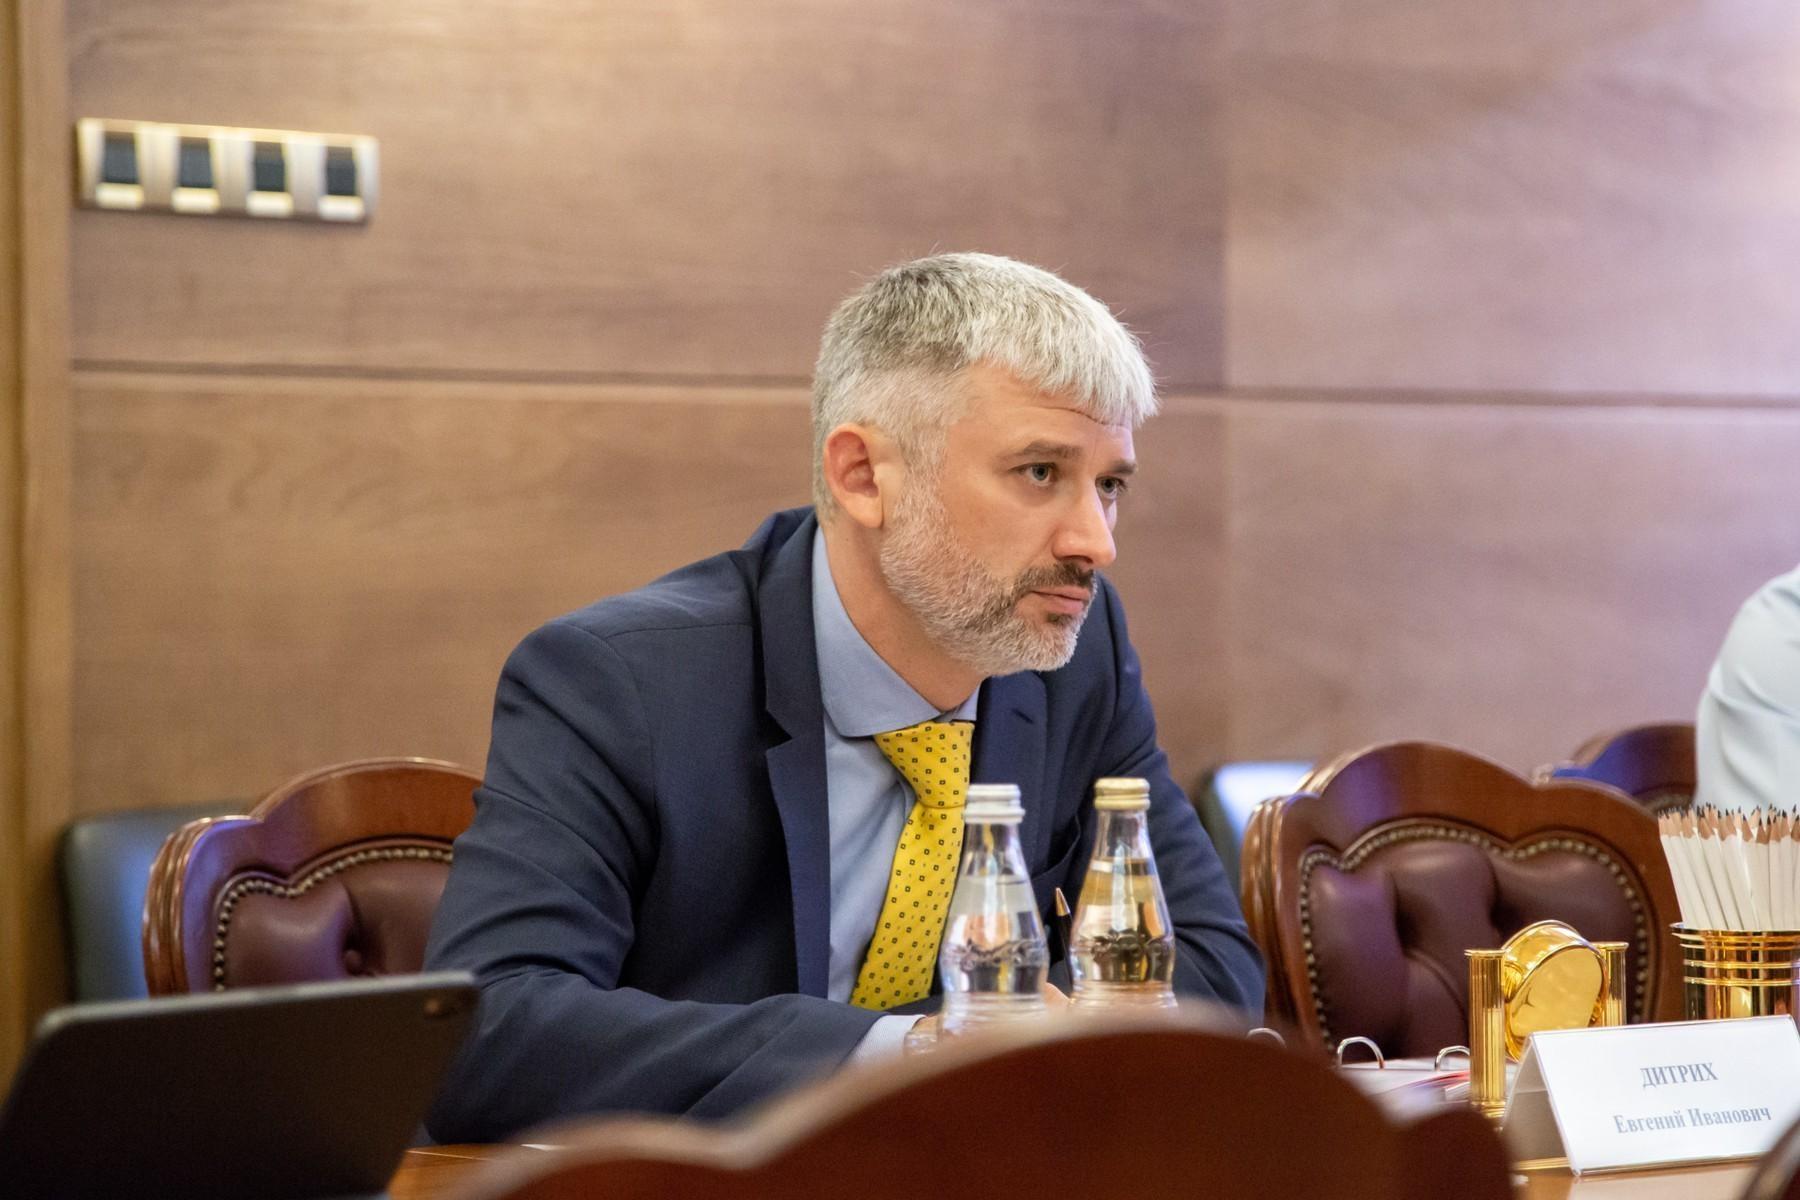 Евгений Дитрих ответил на вопросы граждан. Что интересного в ответах министра?